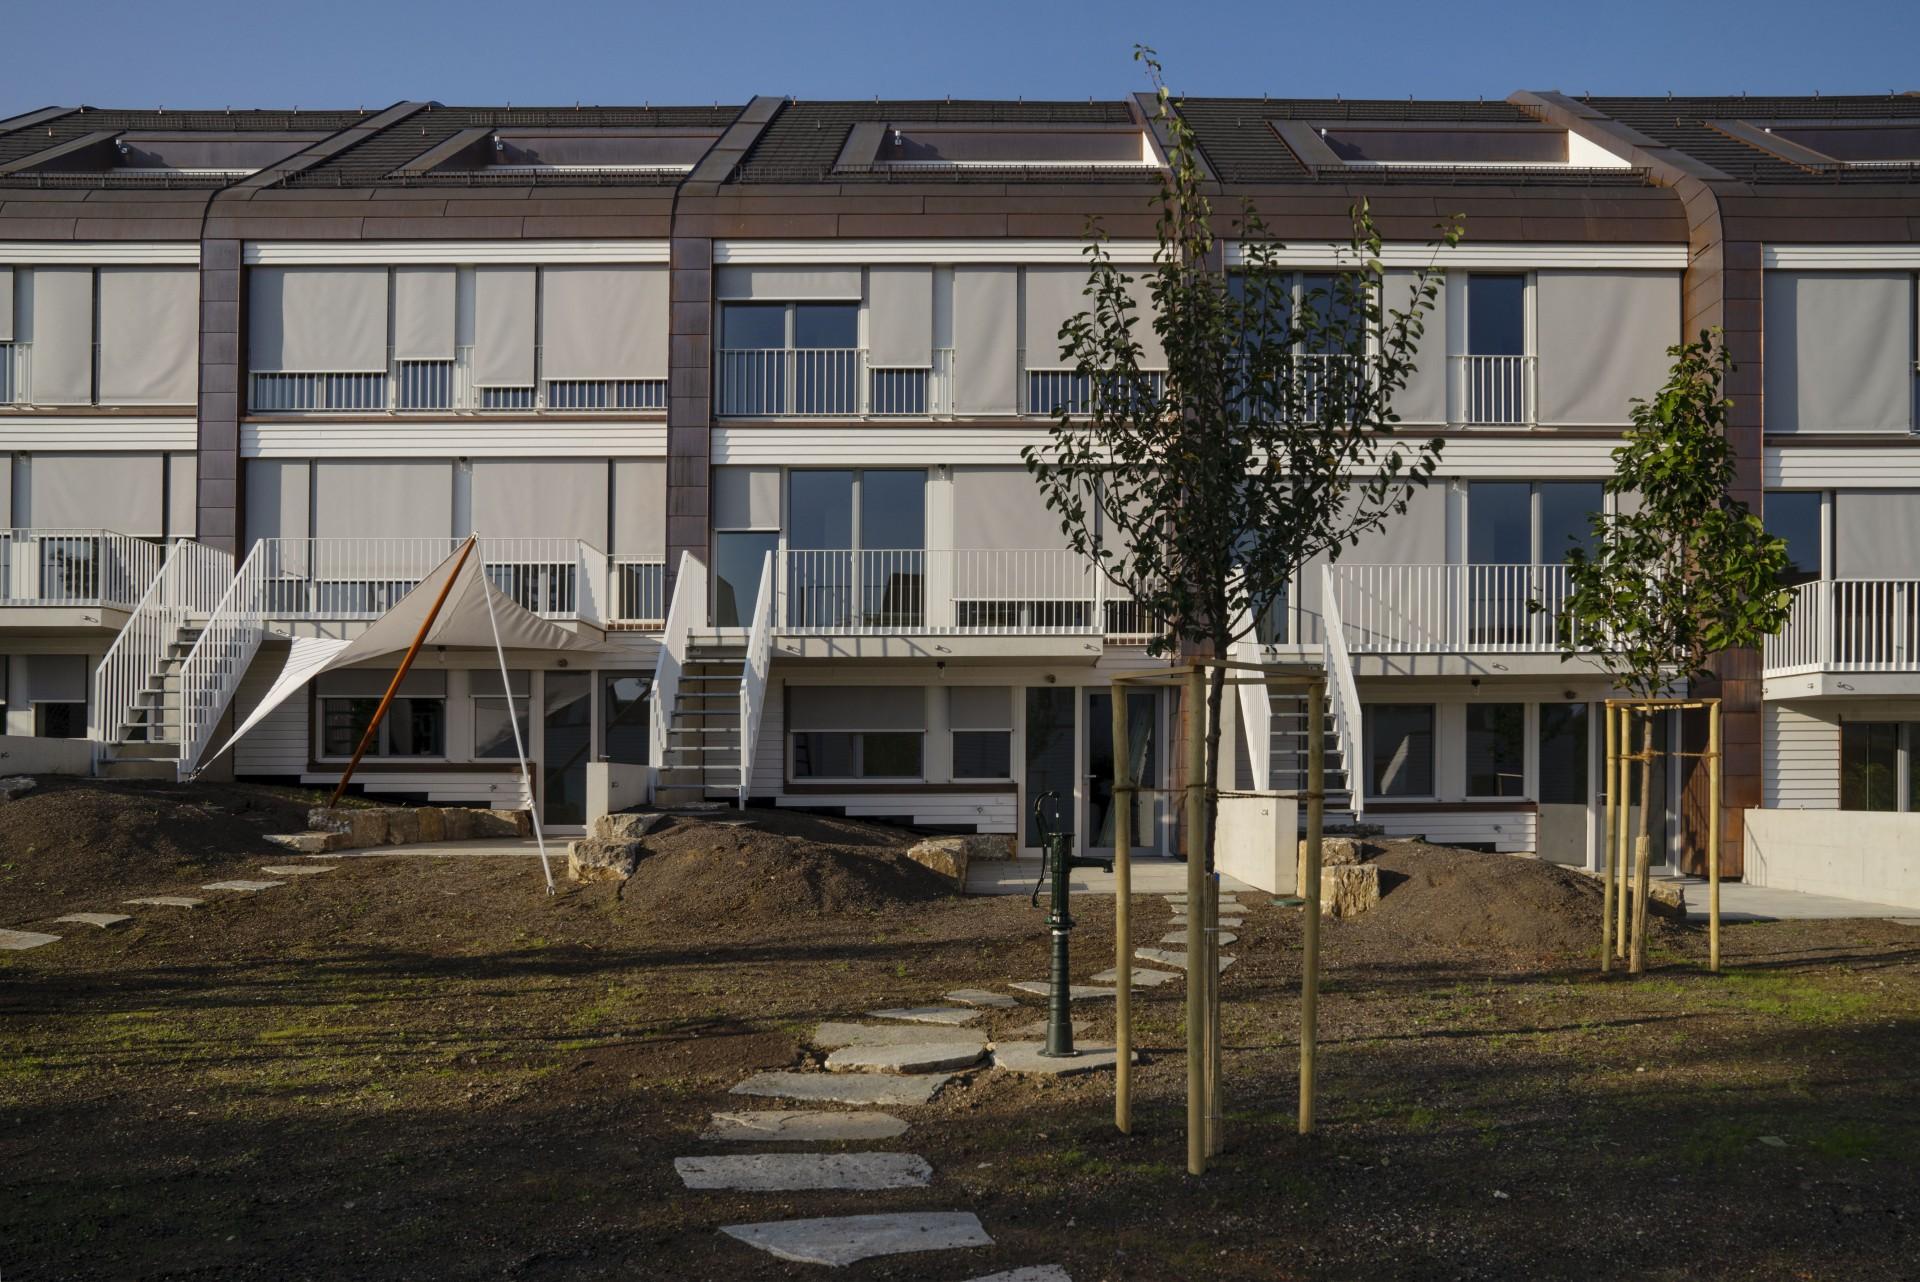 Terraced Houses in Stuttgart